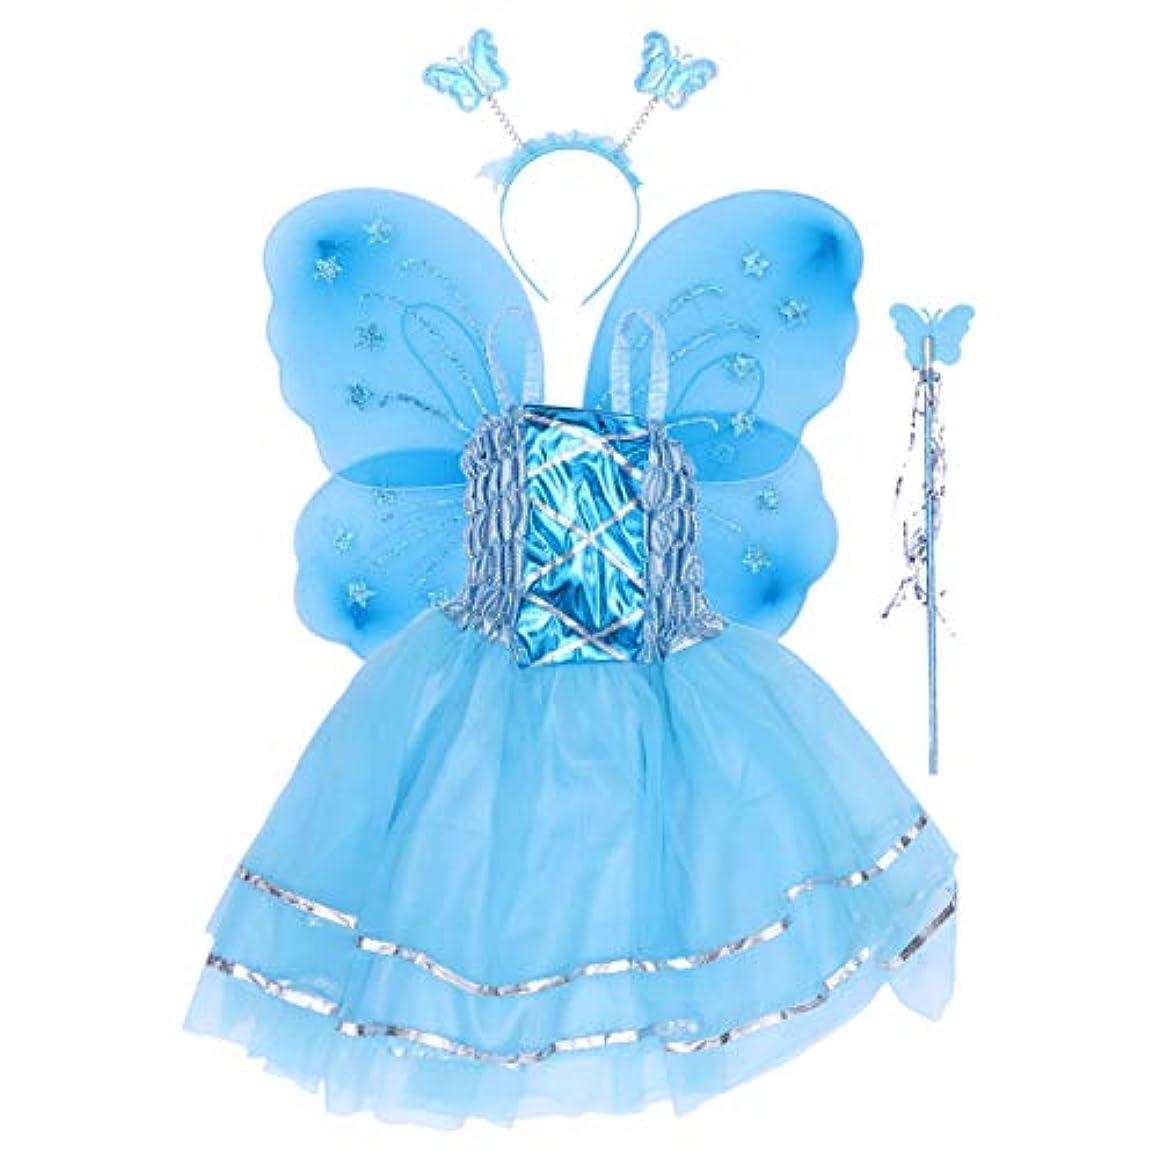 ウィザード彼らはに頼るBESTOYARD 蝶の羽、ワンド、ヘッドバンド、ツツードレス(スカイブルー)と4個の女の子バタフライプリンセス妖精のコスチュームセット